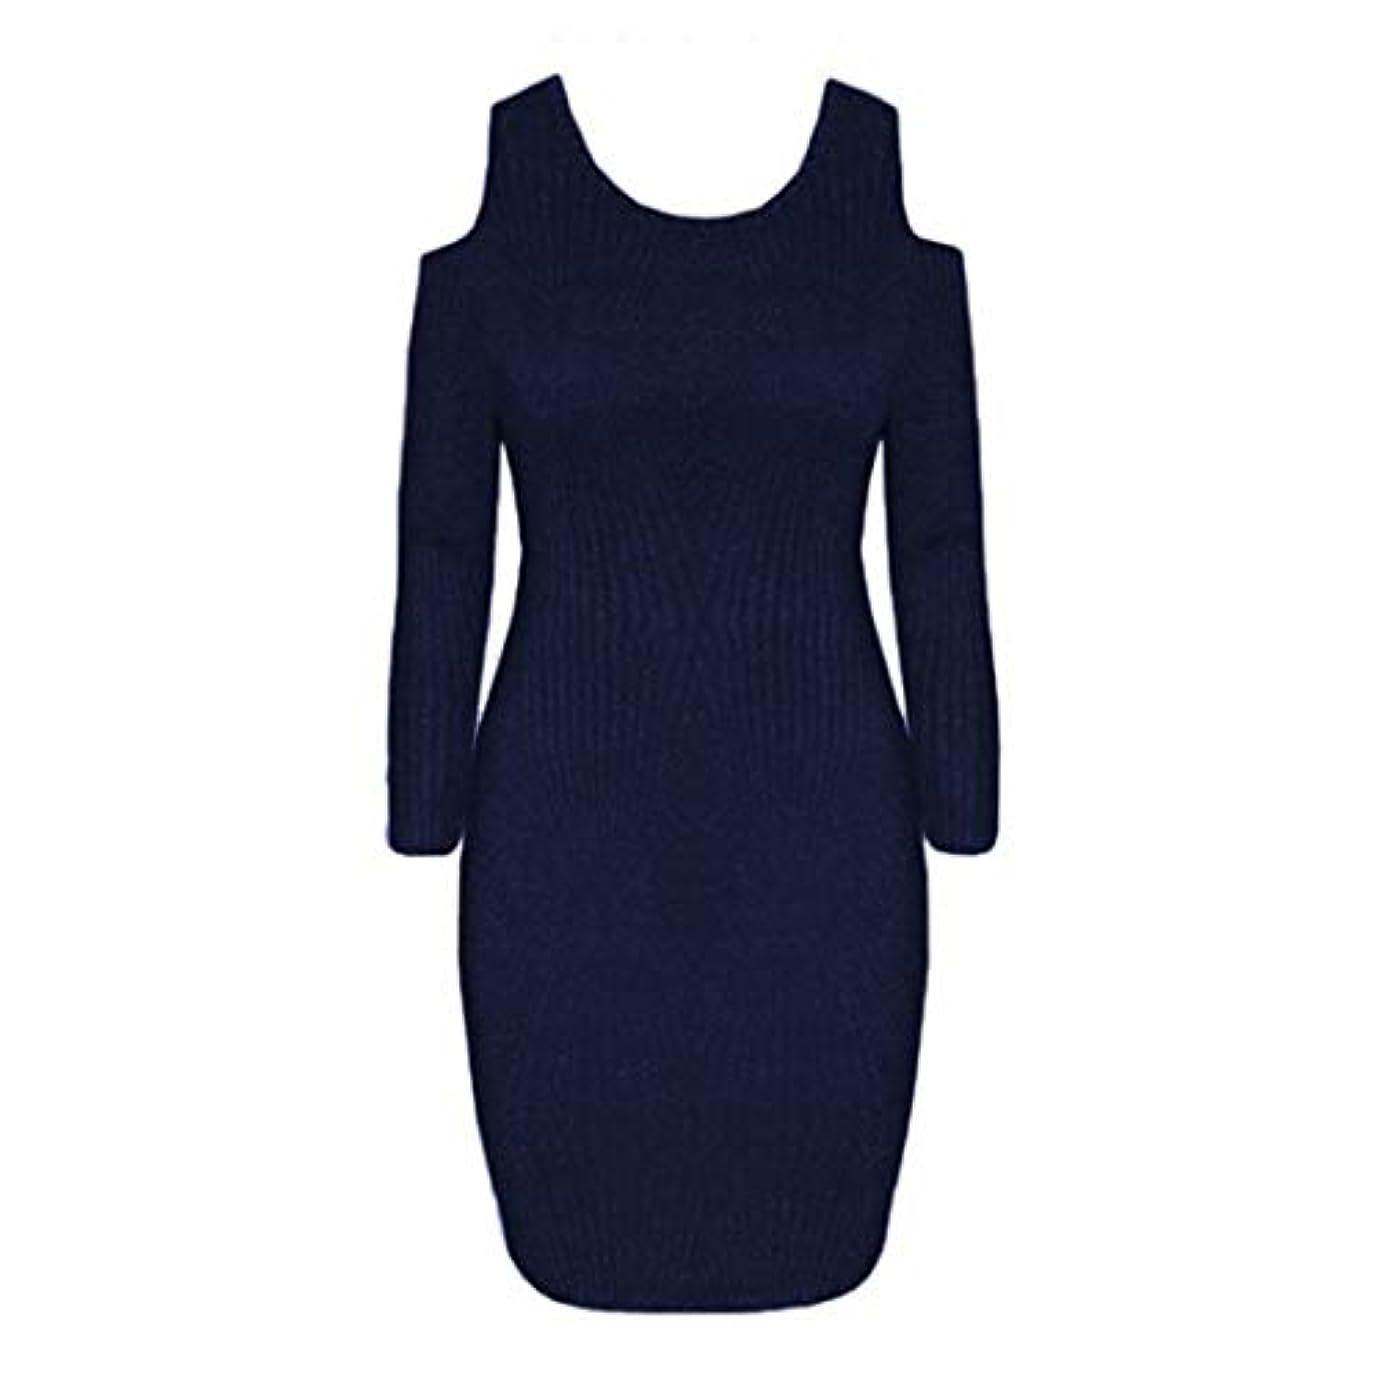 ラフ睡眠擬人臨検Blackfell 女性のドレス長袖オフショルダーデザインストラップレスのドレスカジュアル